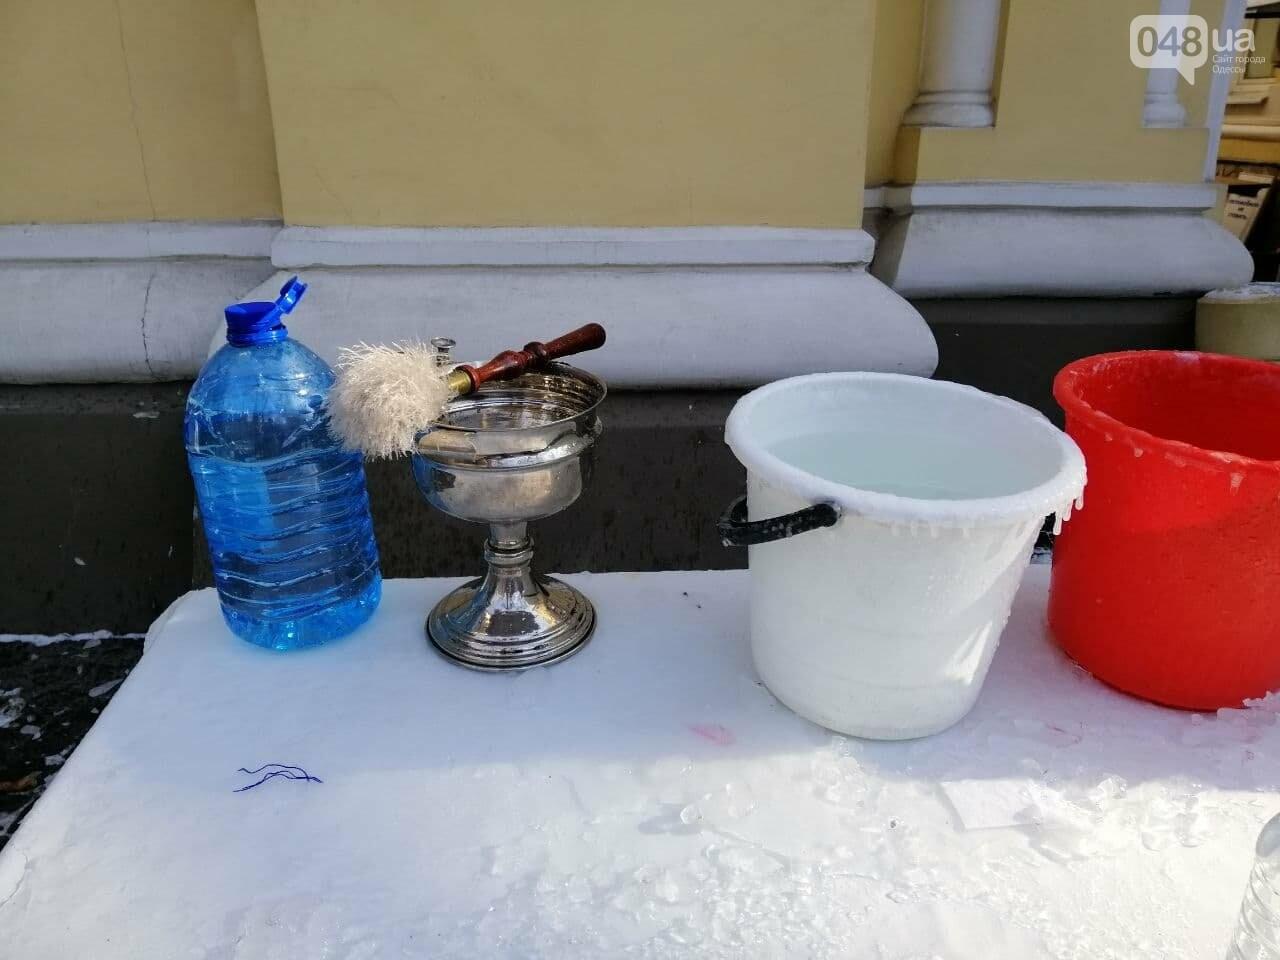 Крещение в Одессе: во всех храмах святили воду,- ФОТОРЕПОРТАЖ, фото-13